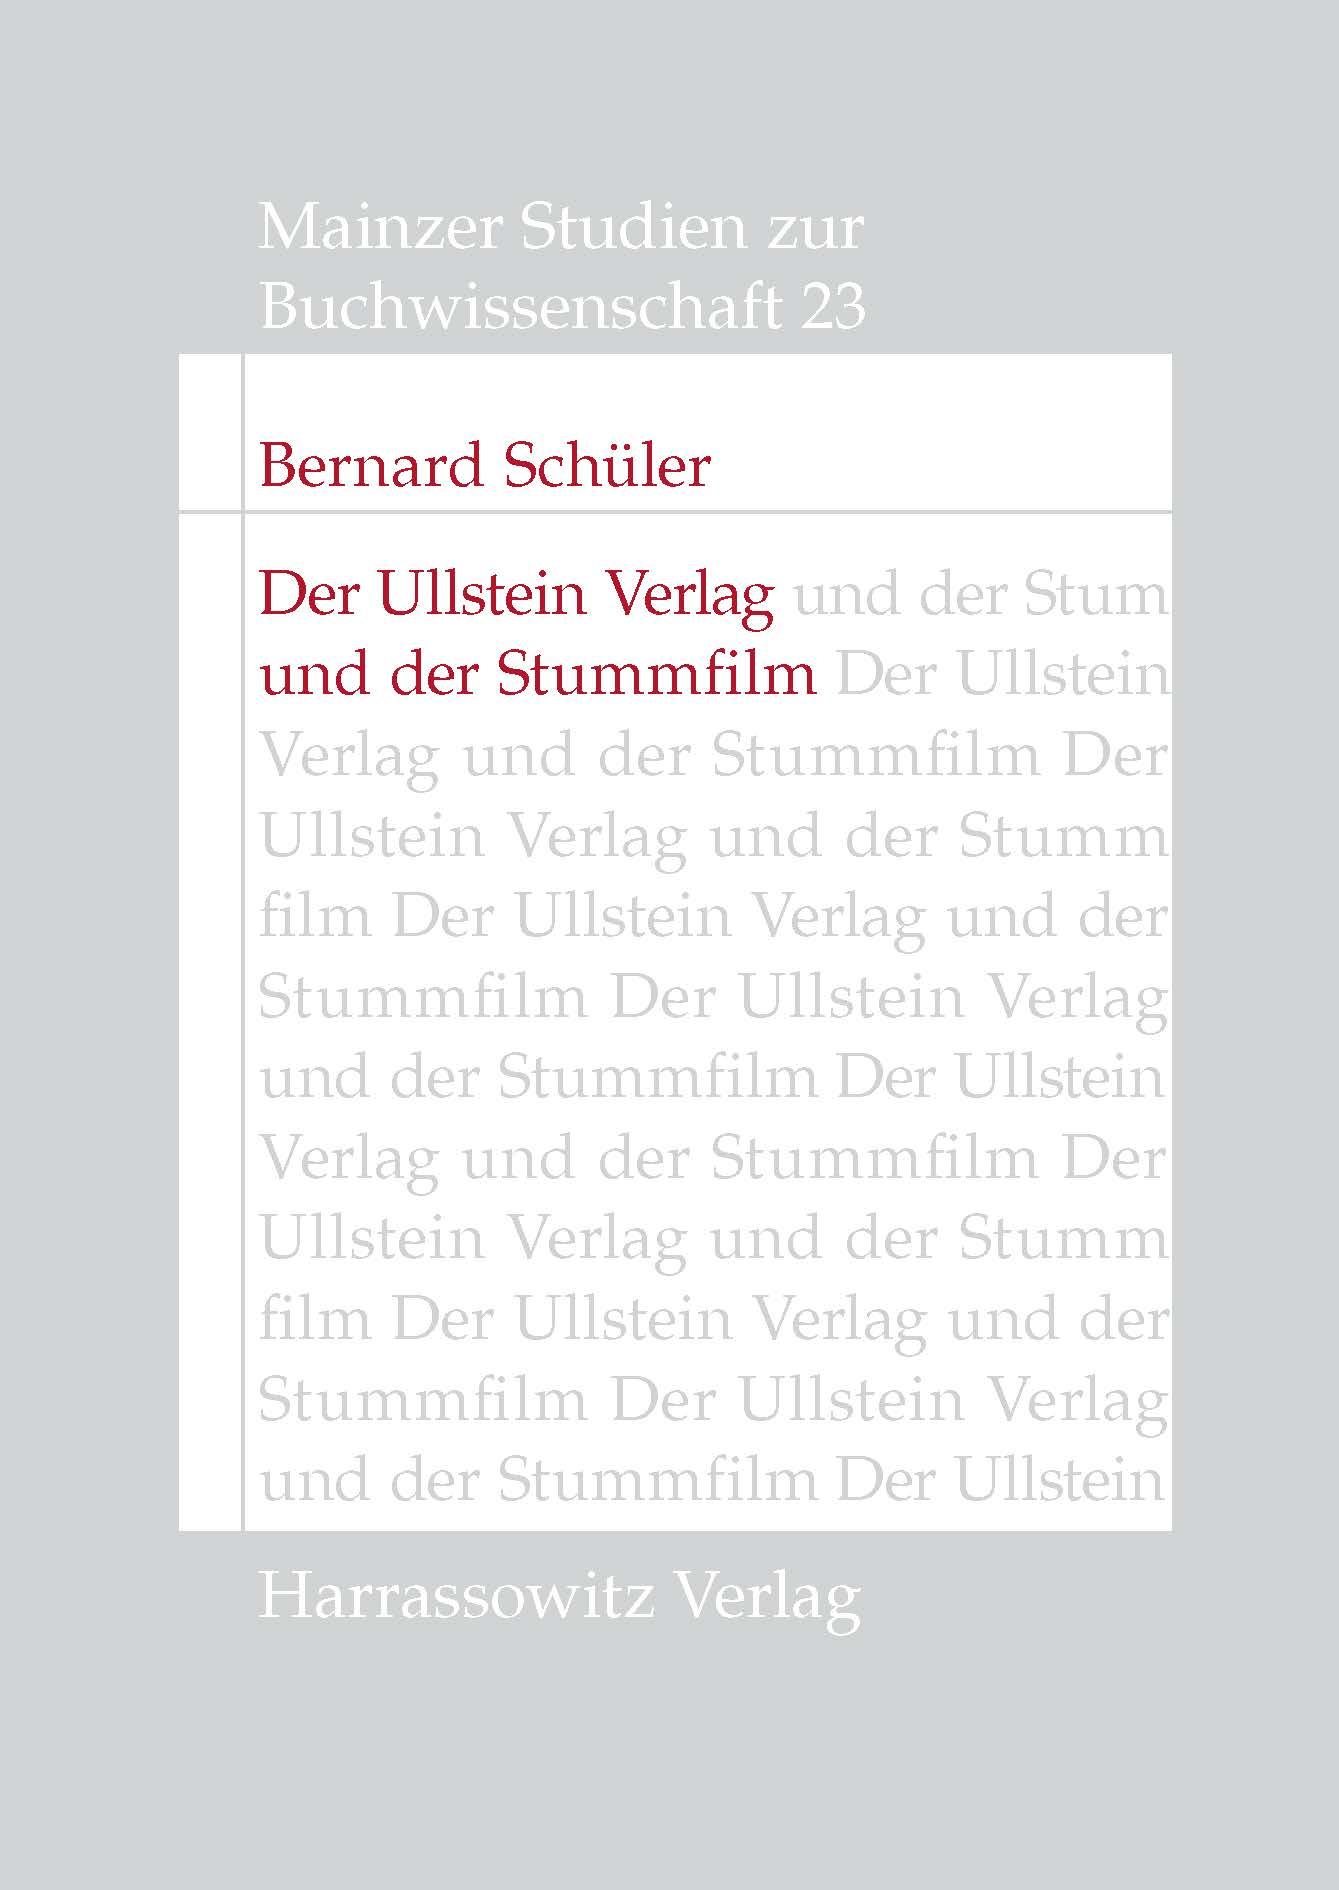 Der Ullstein Verlag und der Stummfilm Bernard Schüler